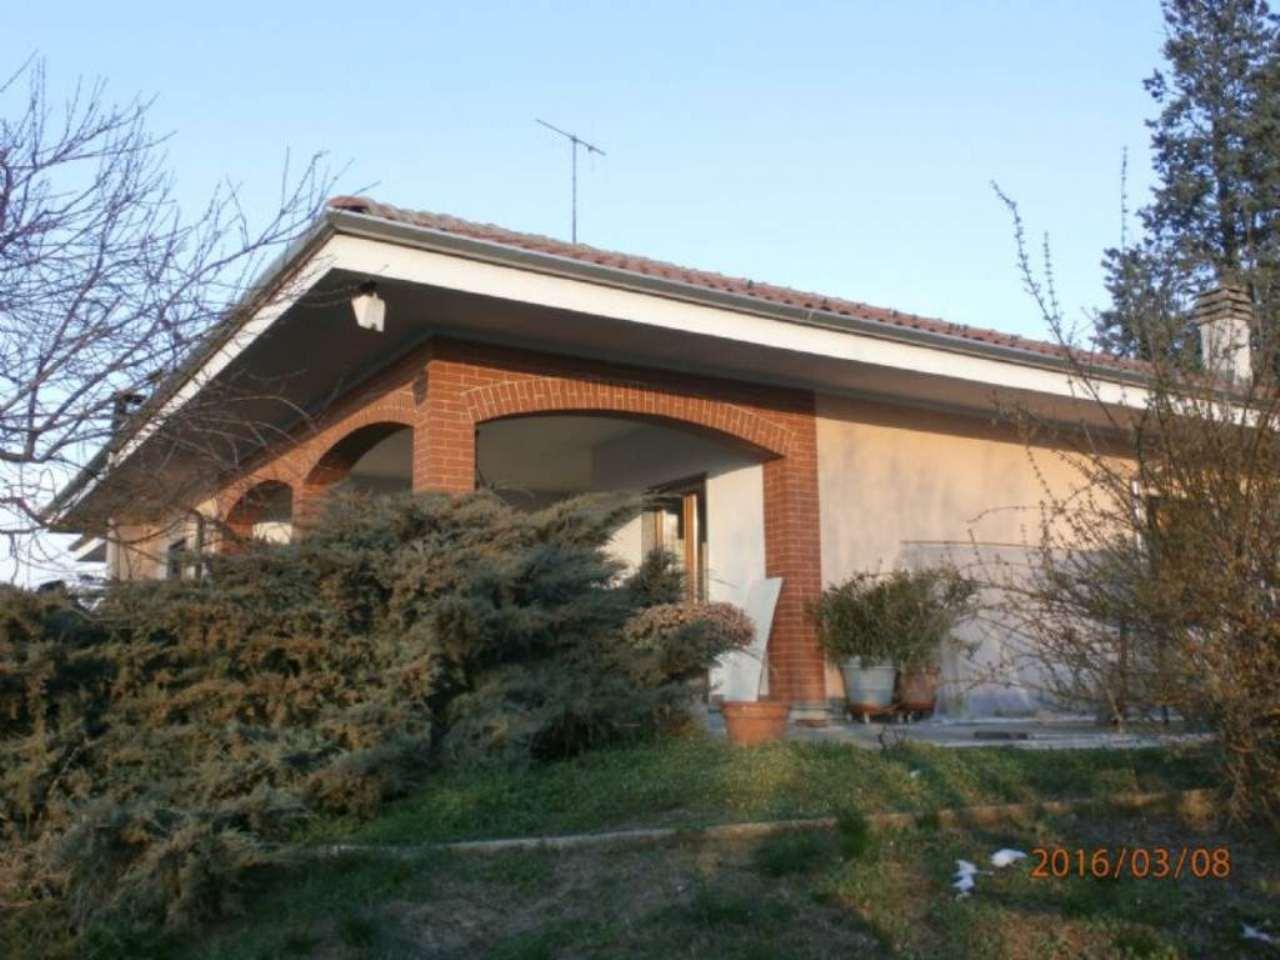 Soluzione Indipendente in vendita a Verrua Savoia, 8 locali, prezzo € 320.000 | Cambio Casa.it